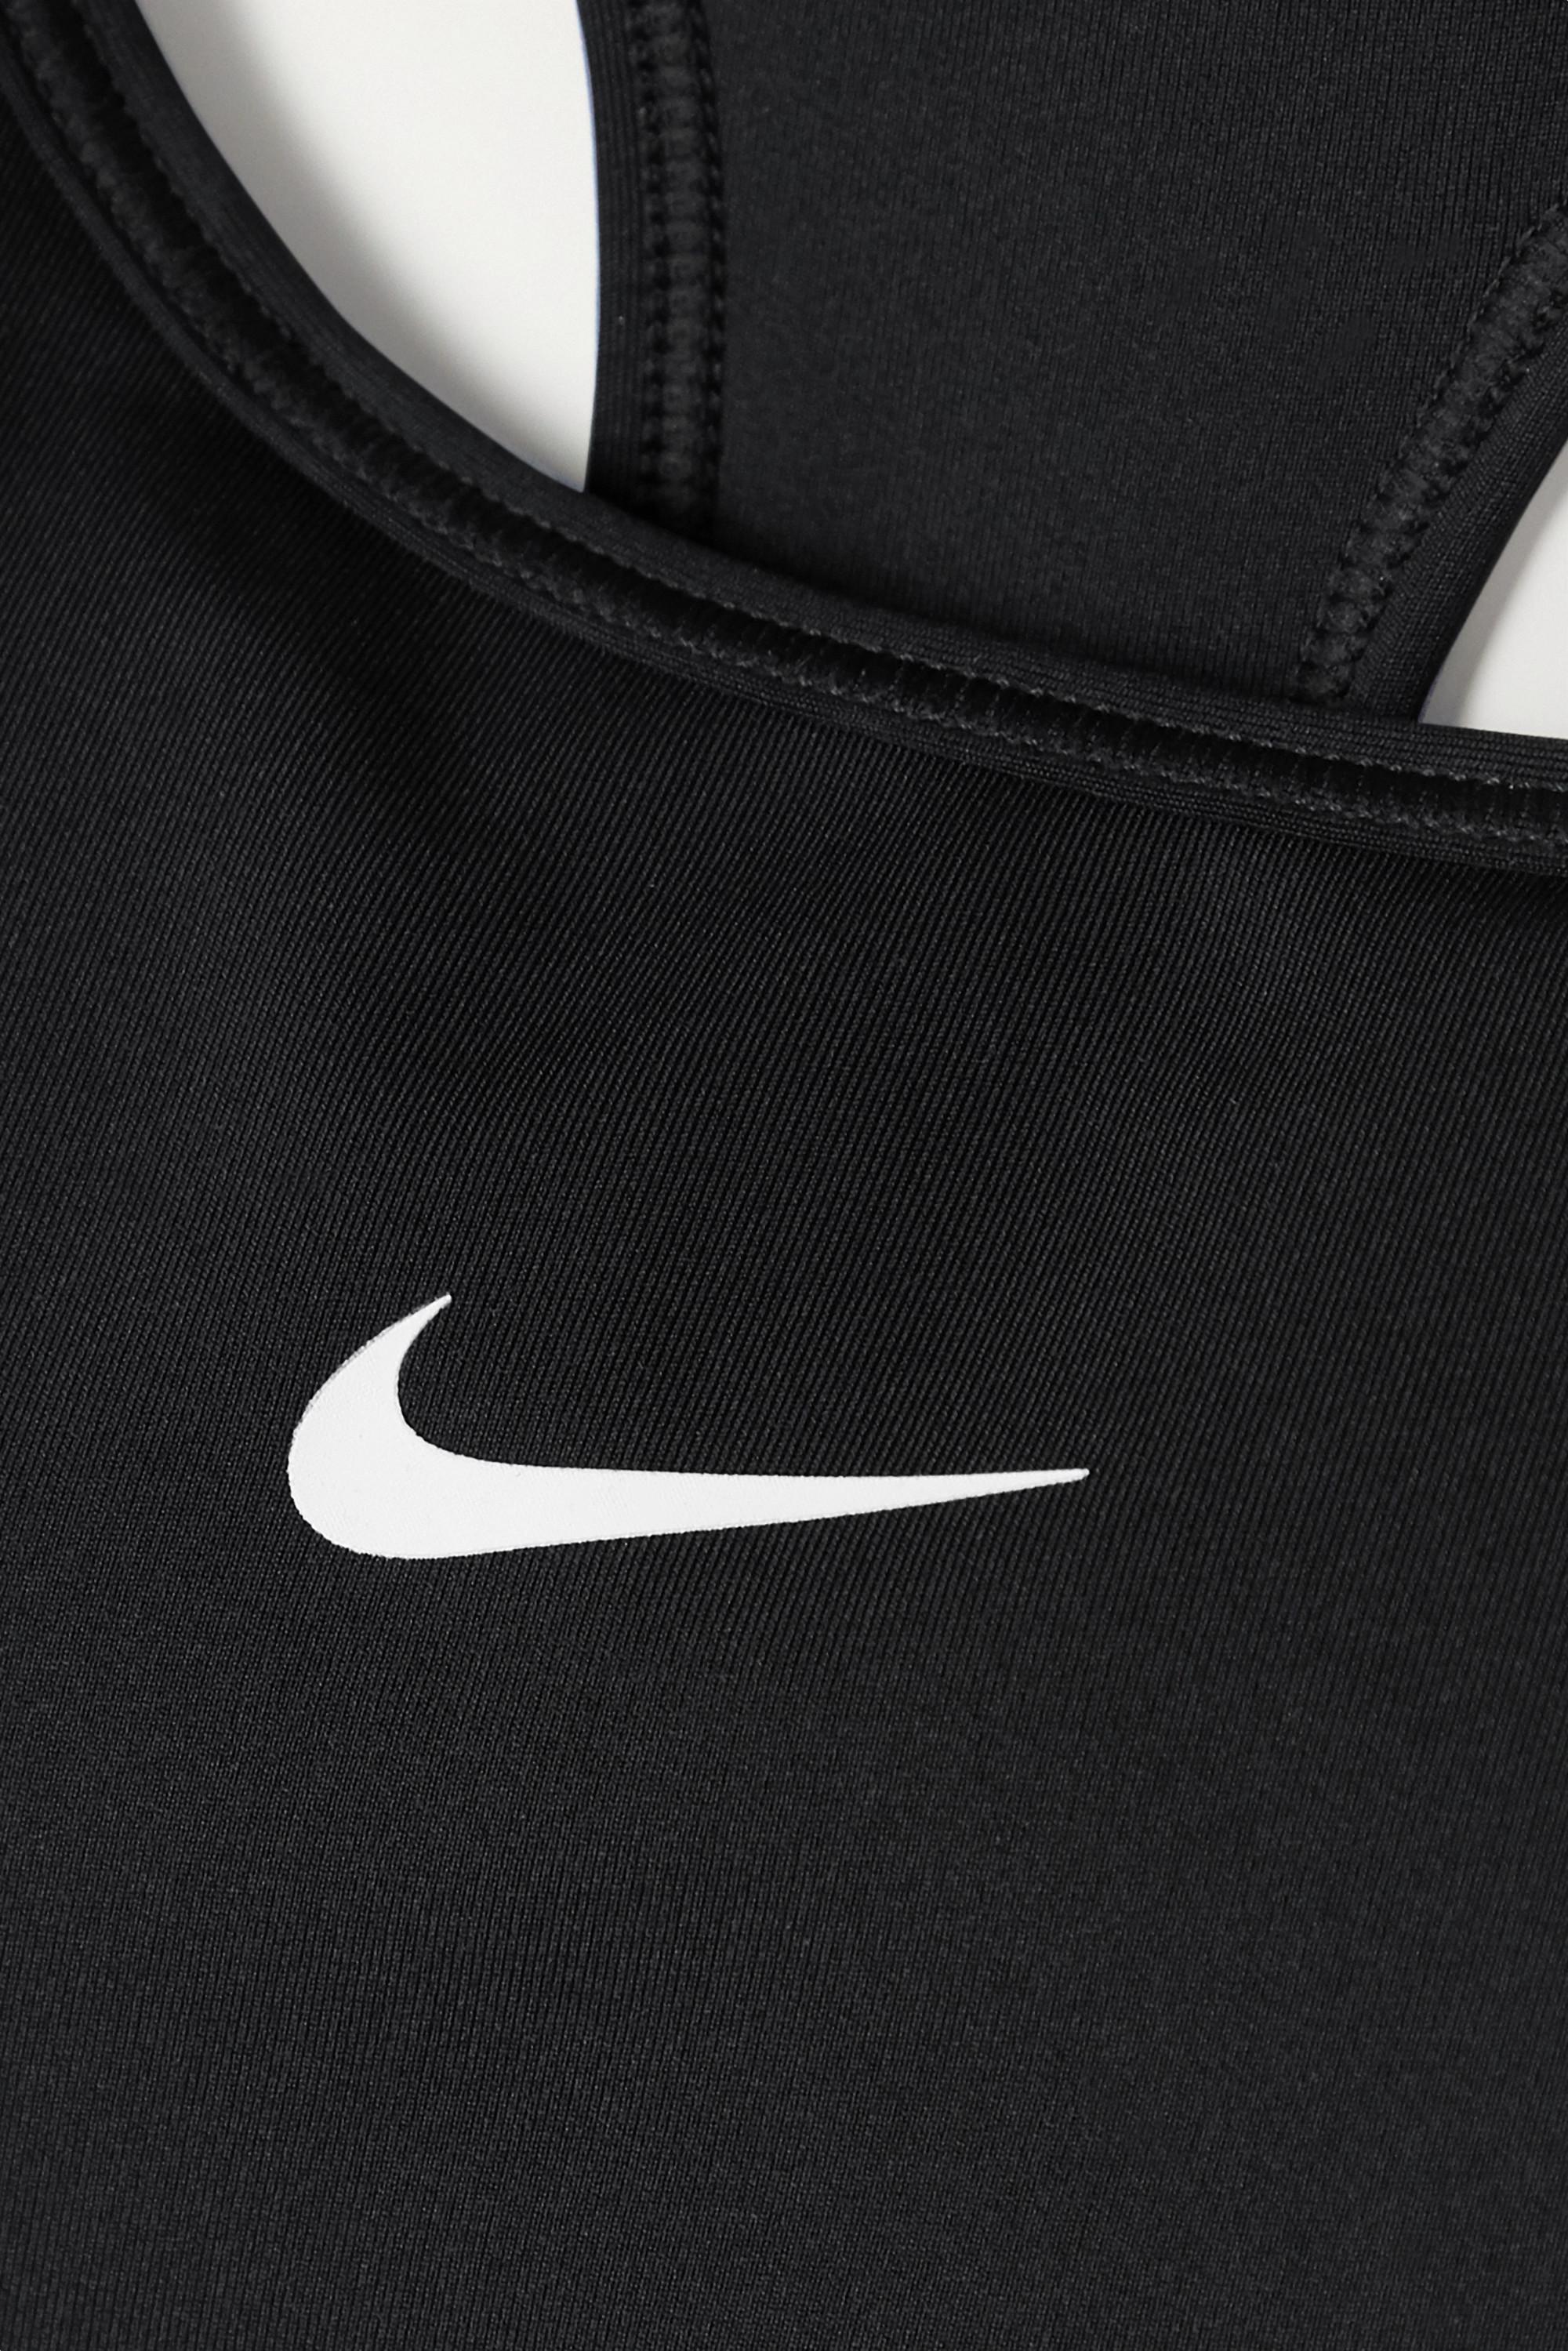 Nike + NET SUSTAIN Swoosh Dri-FIT sports bra